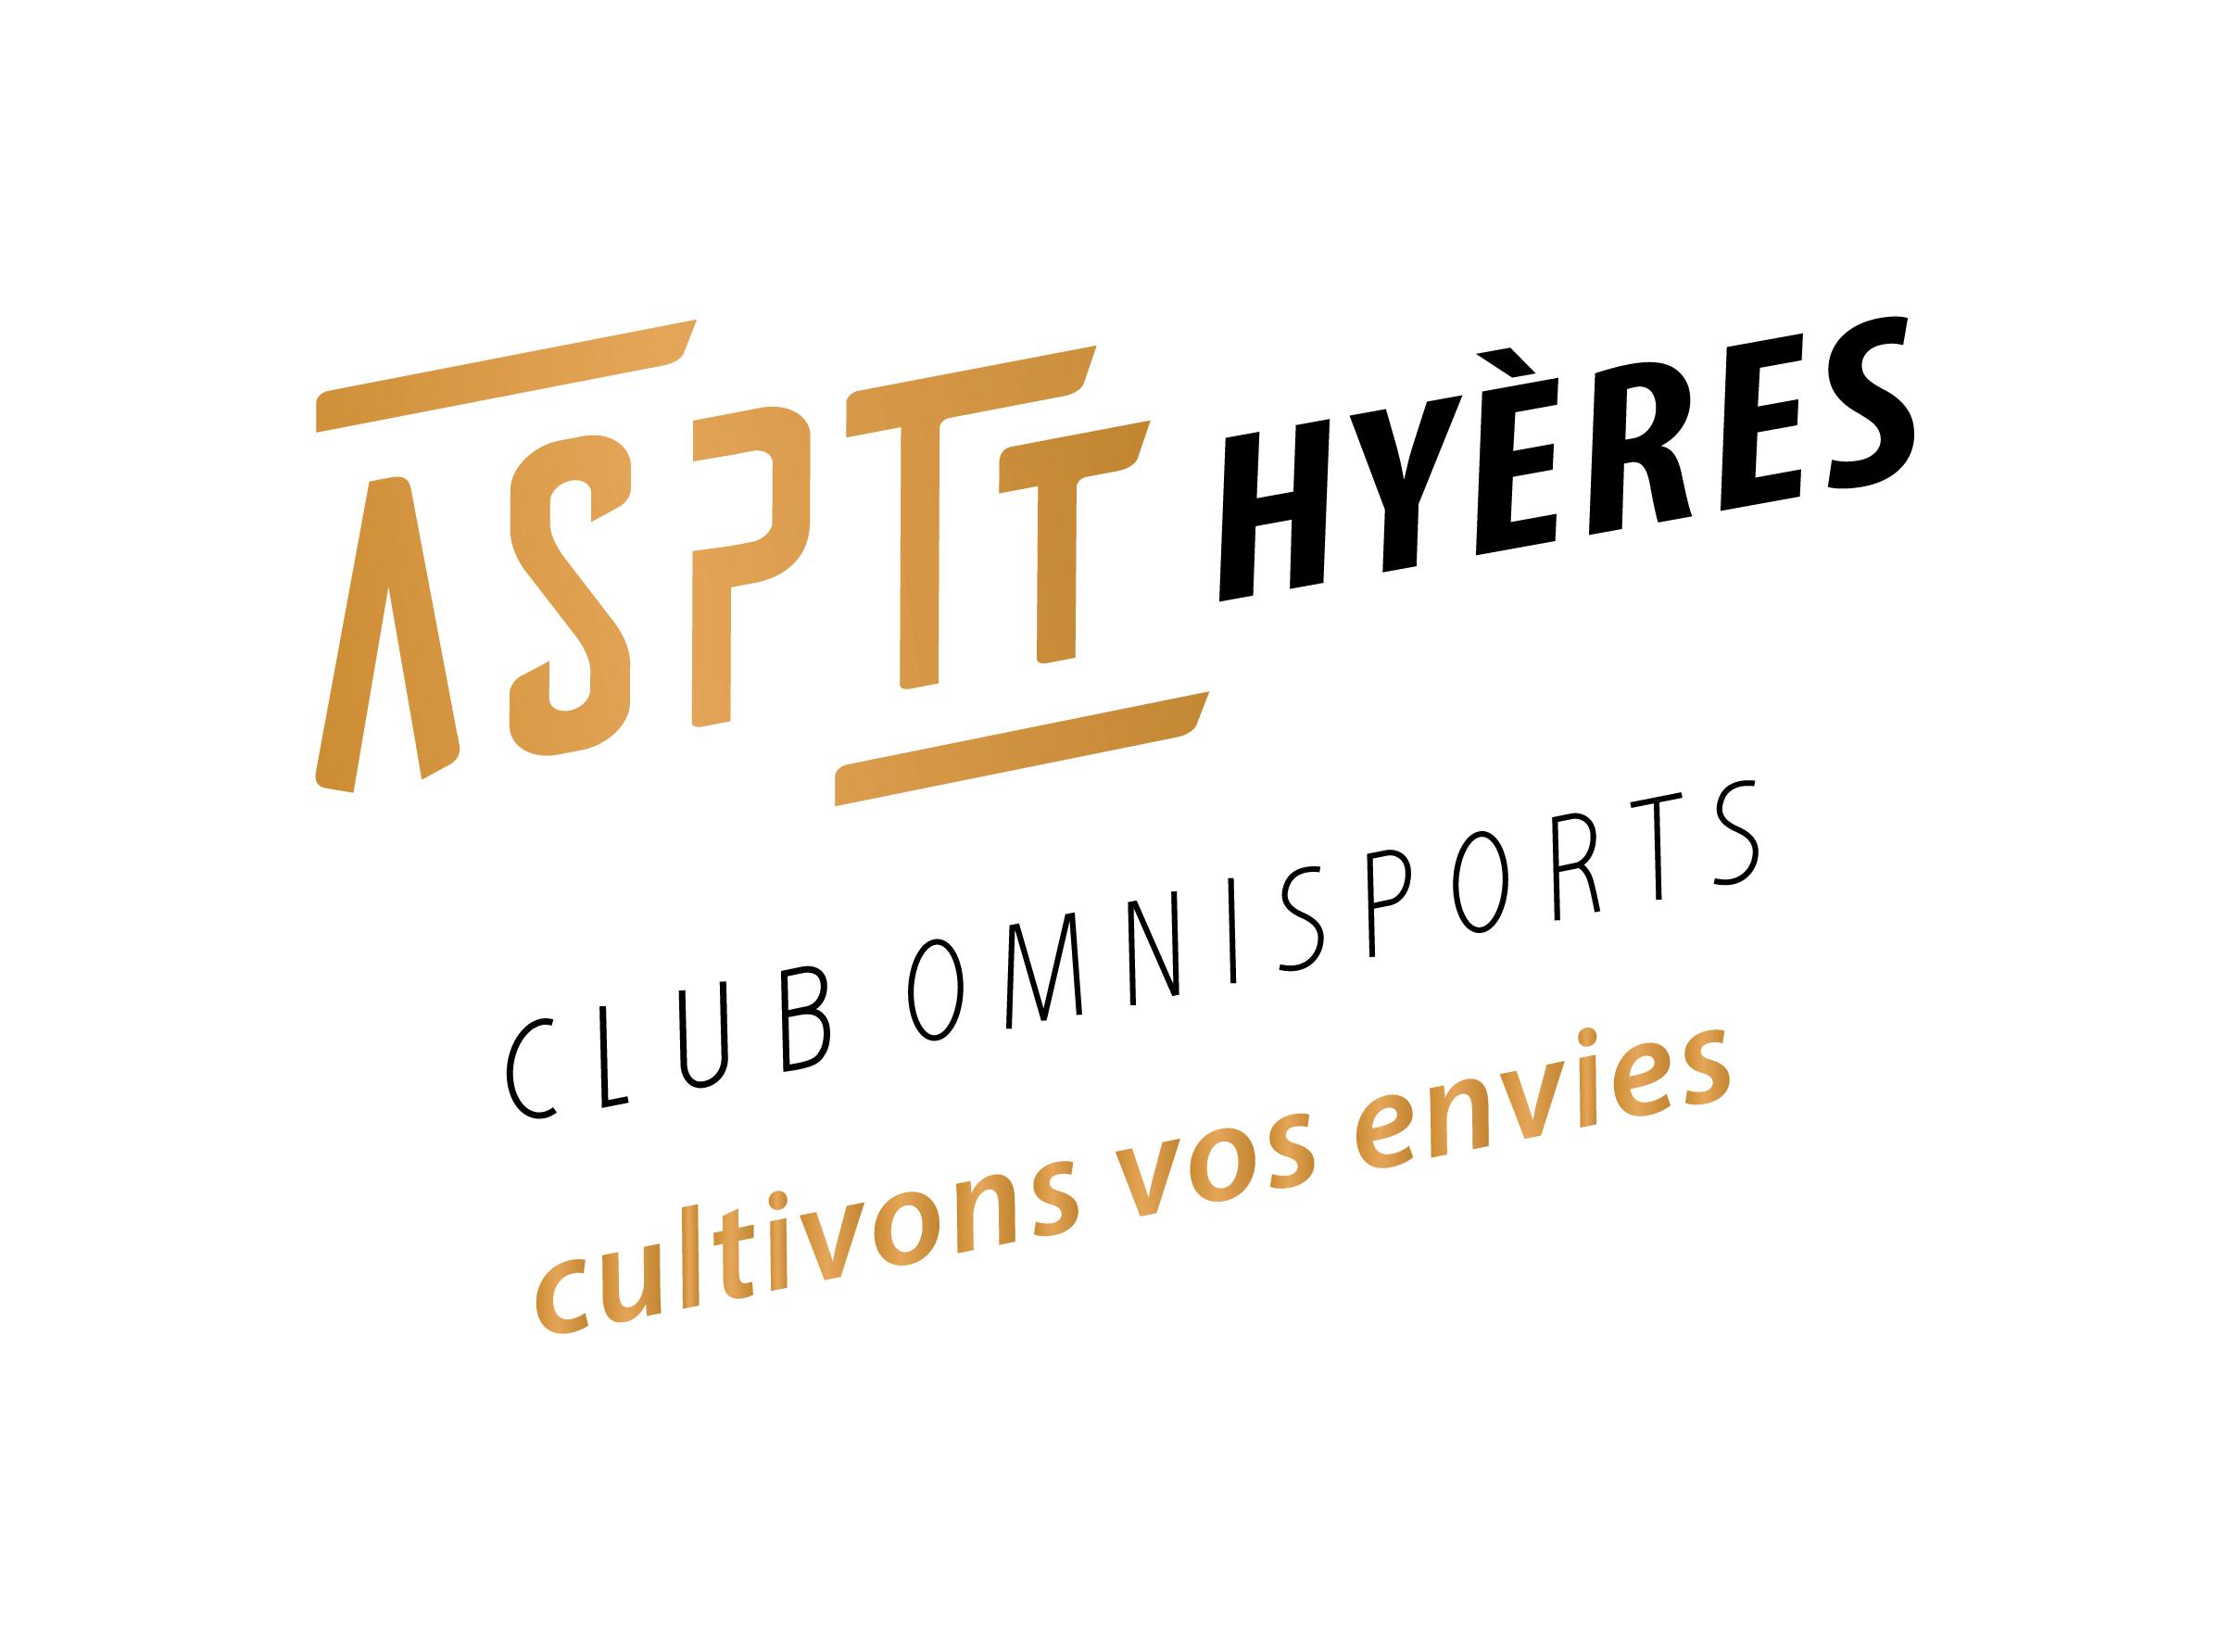 Club omnisports ouvert à tous - 26 activités